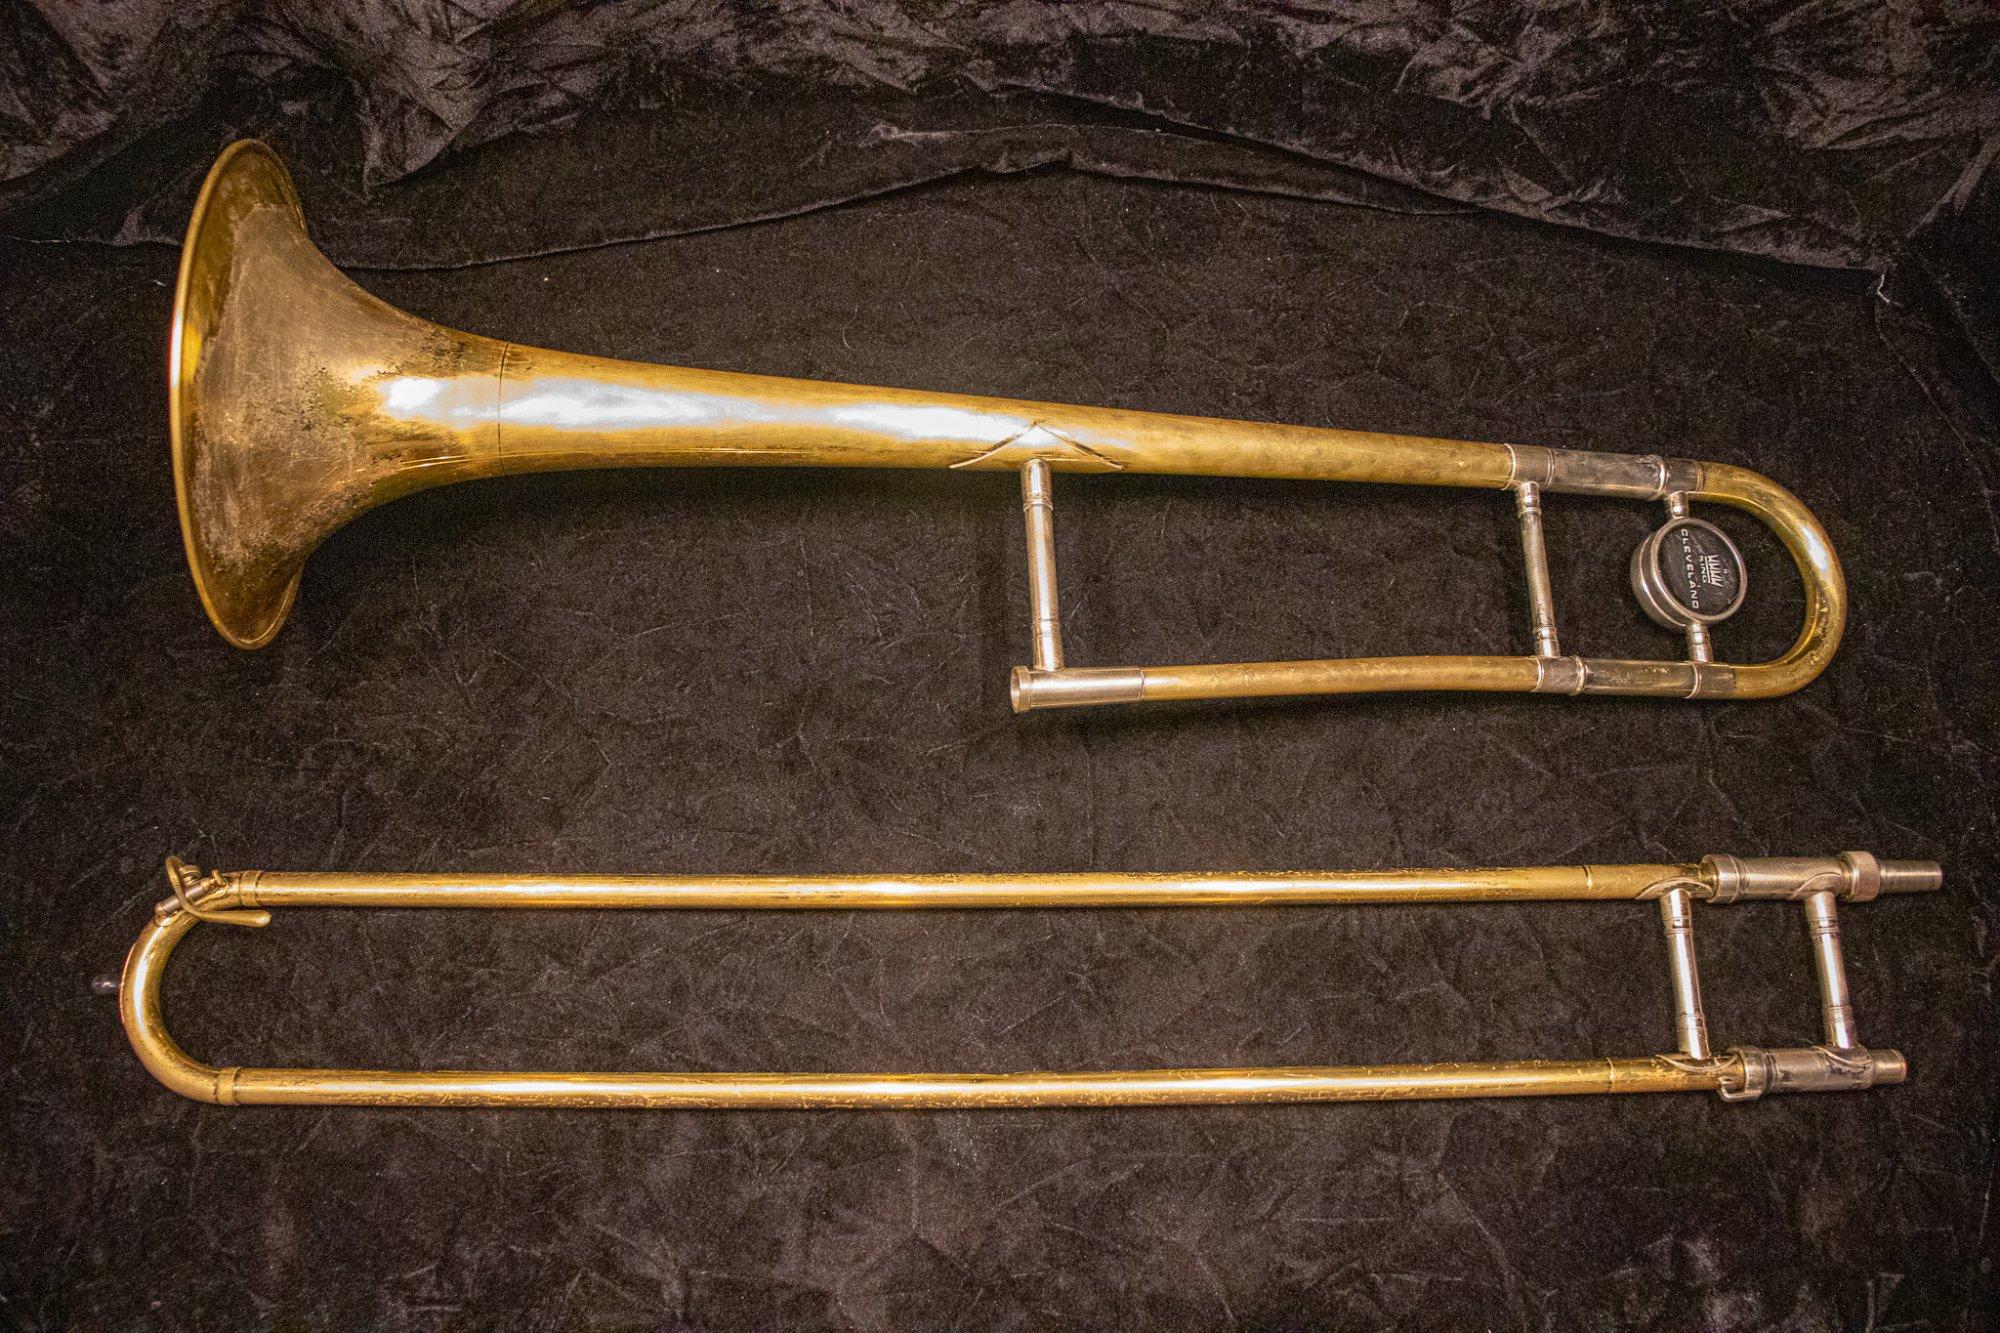 King 606 Cleveland Trombone - Used